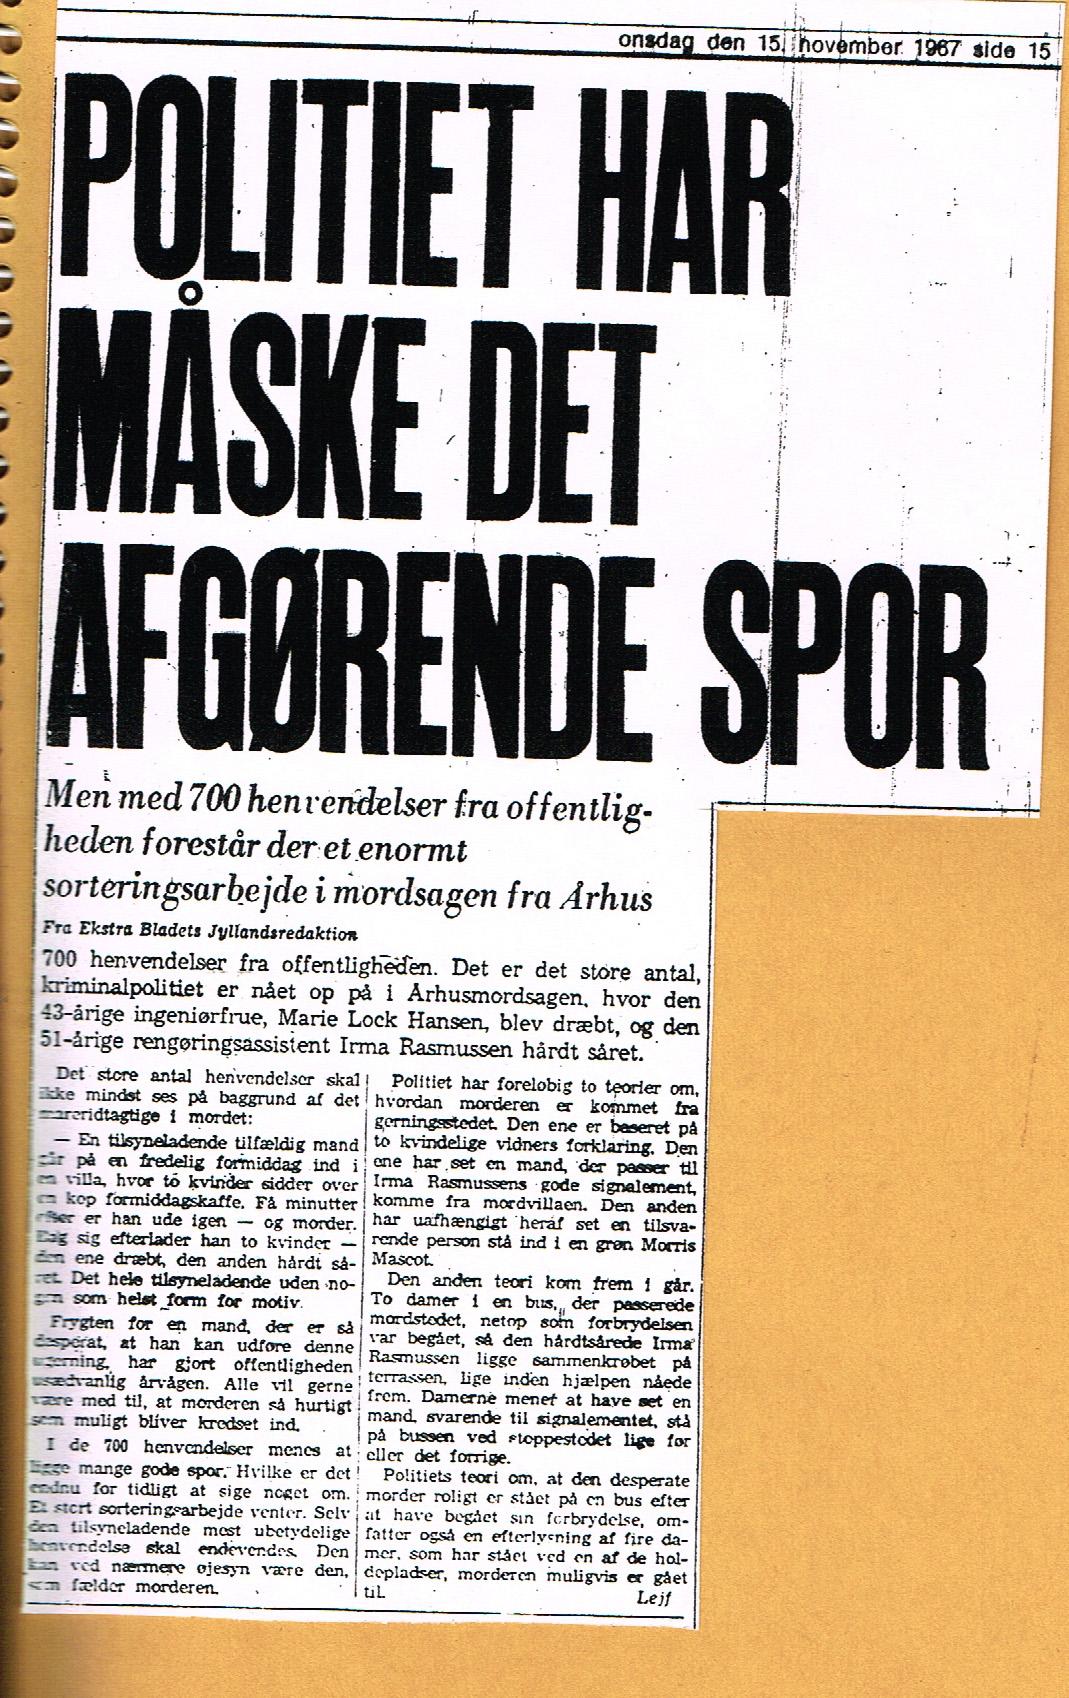 Højbjergmordet - Ekstra Bladet 15.11-1967